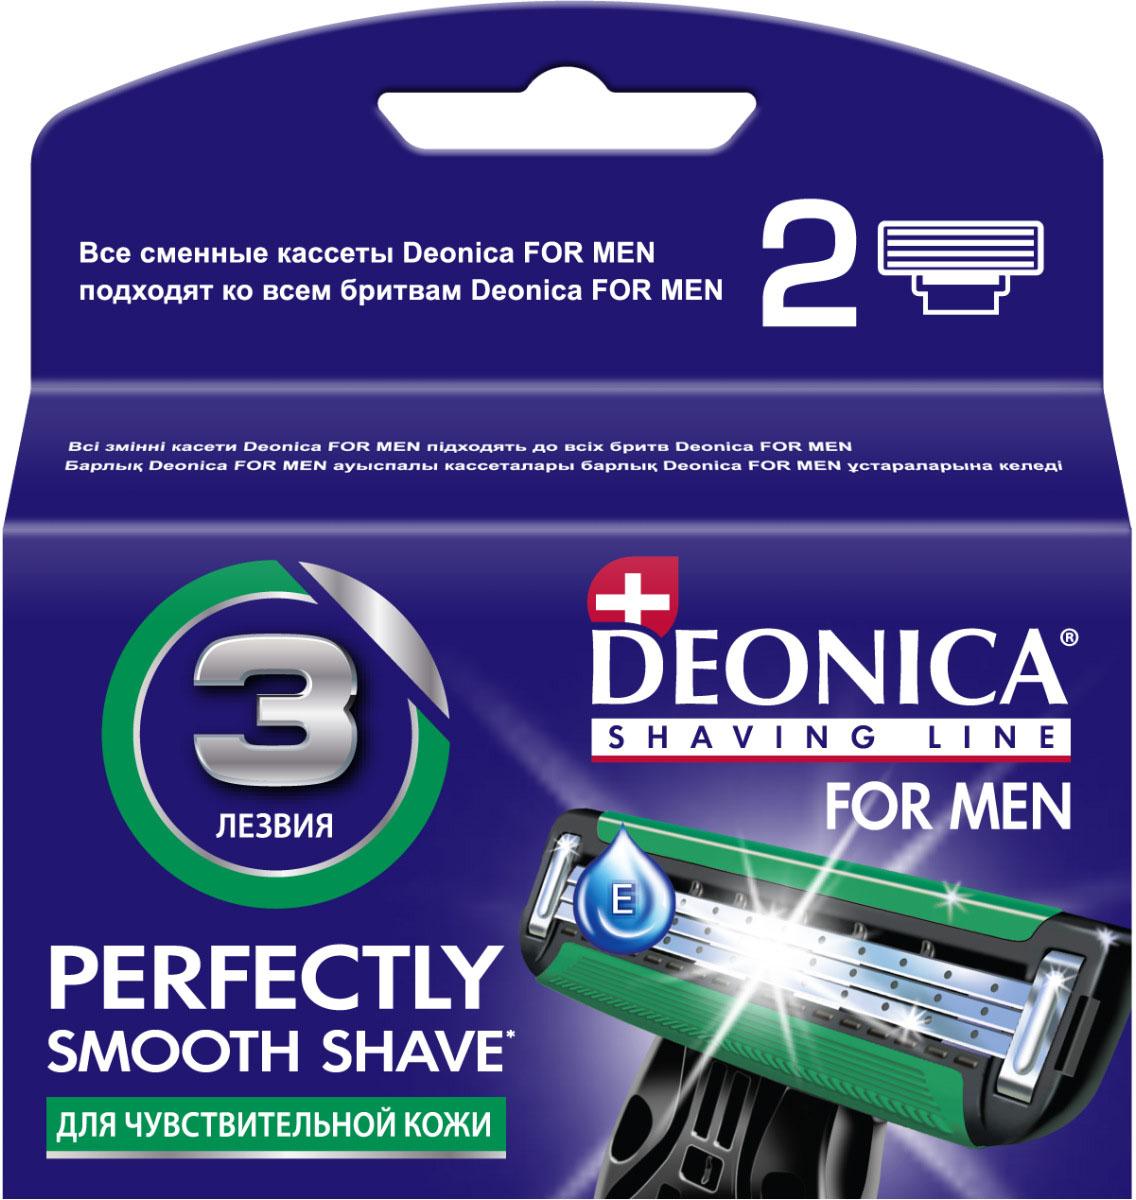 Сменные кассеты для бритья Deonica 3 тонких лезвия с керамическим покрытием for MEN 2шт.